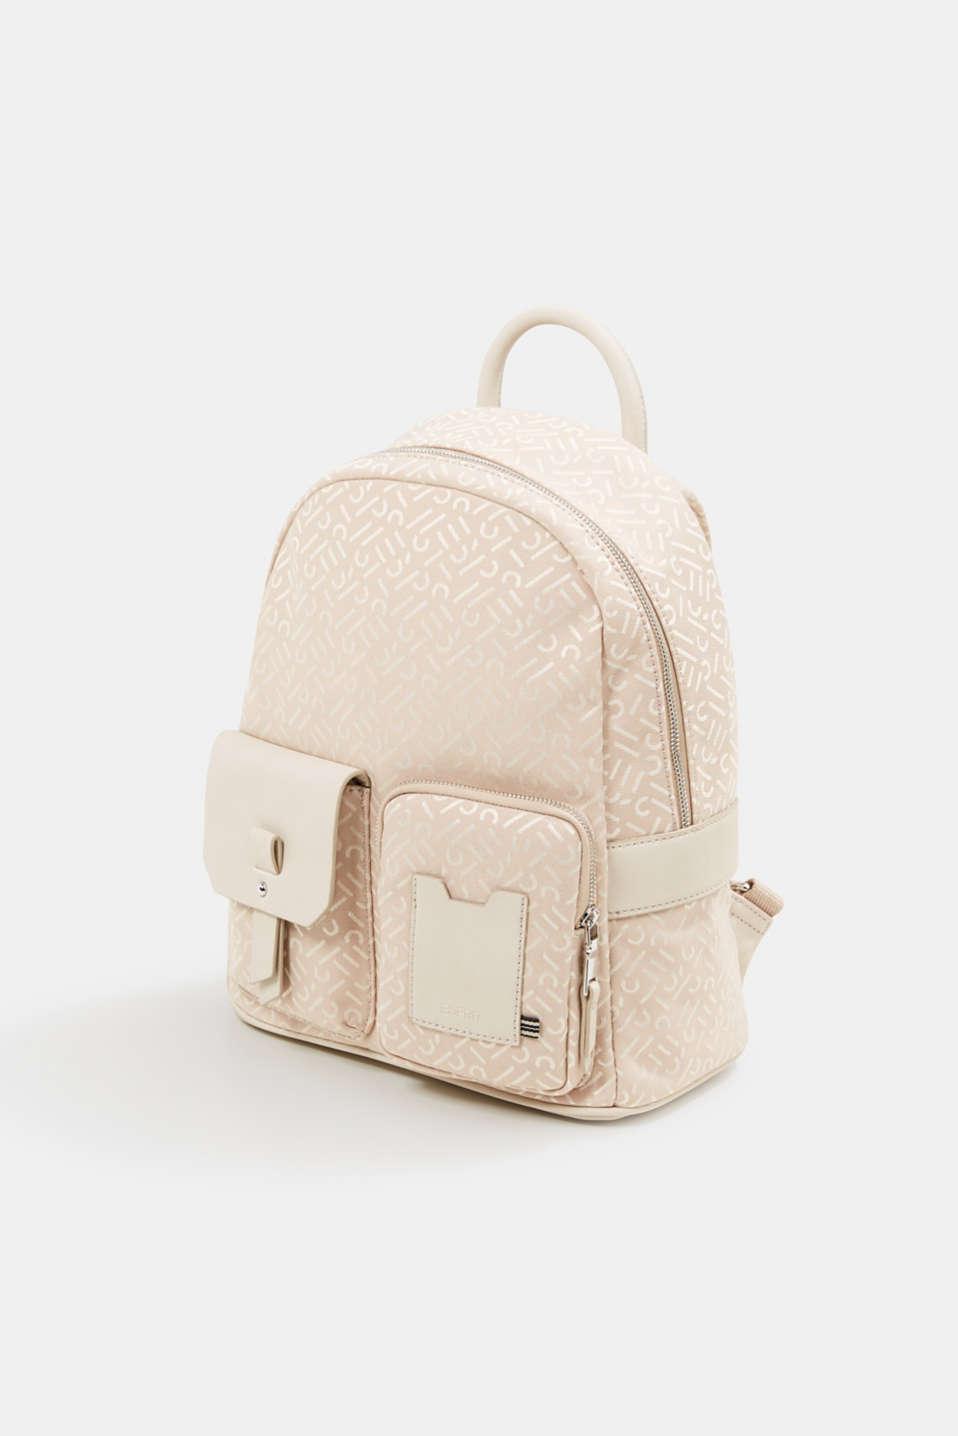 Monogrammed business rucksack, BEIGE, detail image number 2